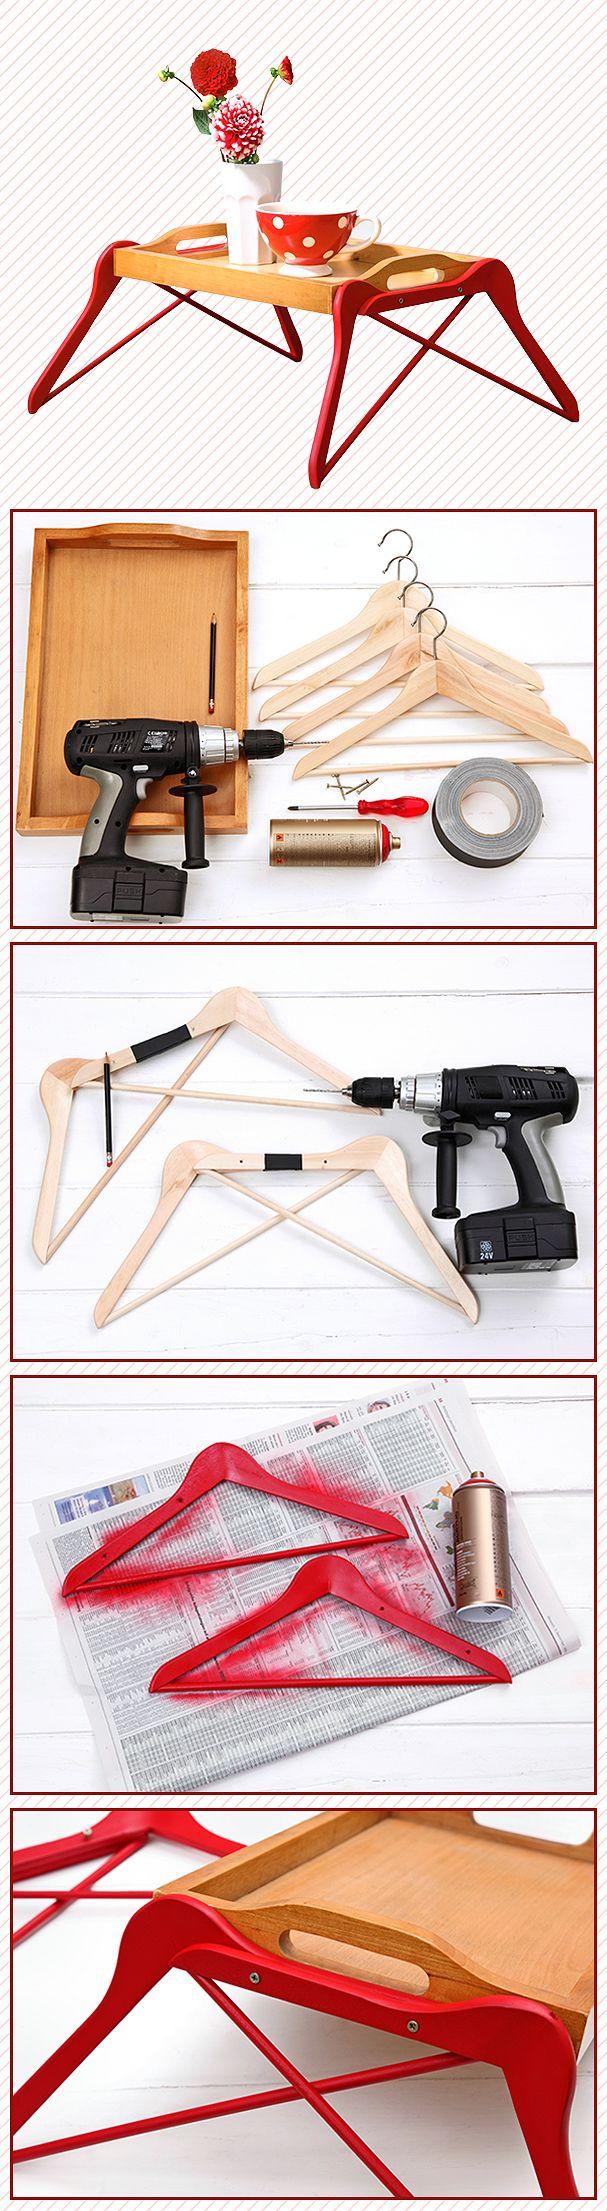 Bett-Tablett DIY: 1. Benötigt werden: 1 Holztablett, 1 Akkubohrschrauber, 4 stabile Holzbügel, 4 lange Schrauben (ca. 3 cm), Sprühfarbe und festes Klebeband. 2. Die Haken der Bügel entfernen und je 2 Bügel mit Klebeband fixieren. Nun pro Bügelpaar 2 Löcher anzeichnen und mit einem dünnen Bohrer vorbohren. 3. Bügel mit Sprühlack einfärben und trocknen lassen. 4. Mit den Schrauben die beiden Bügel erst an den Löchern verbinden, dann die Schrauben weiter seitlich ins Tablett treiben.